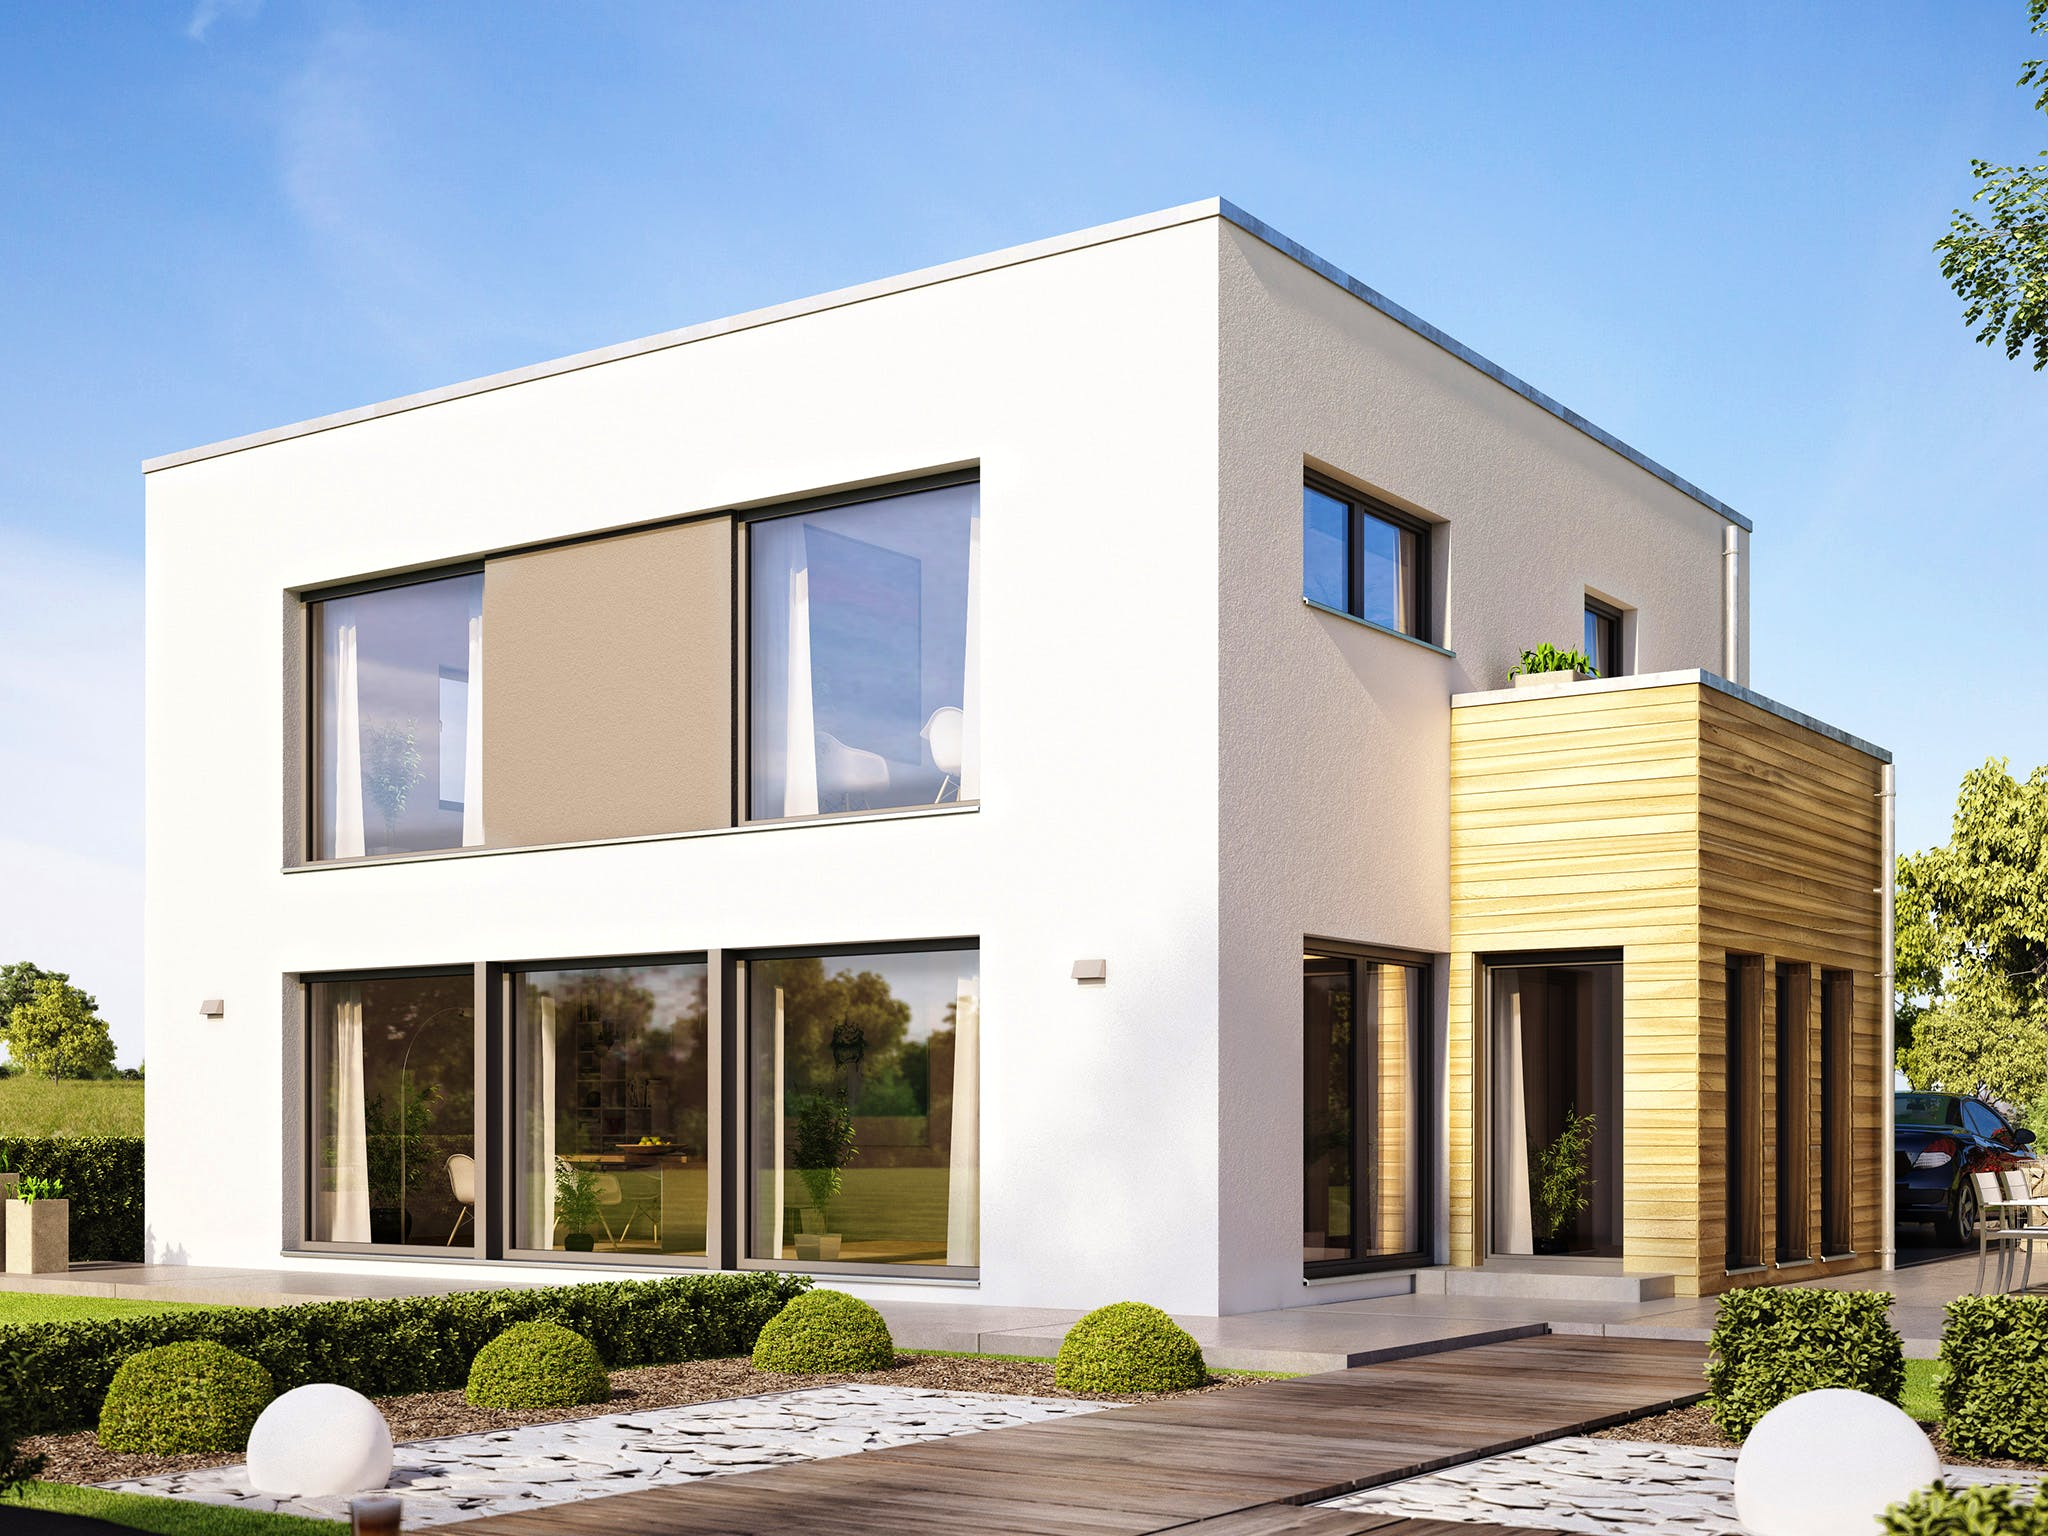 Hausstil Bauhaus